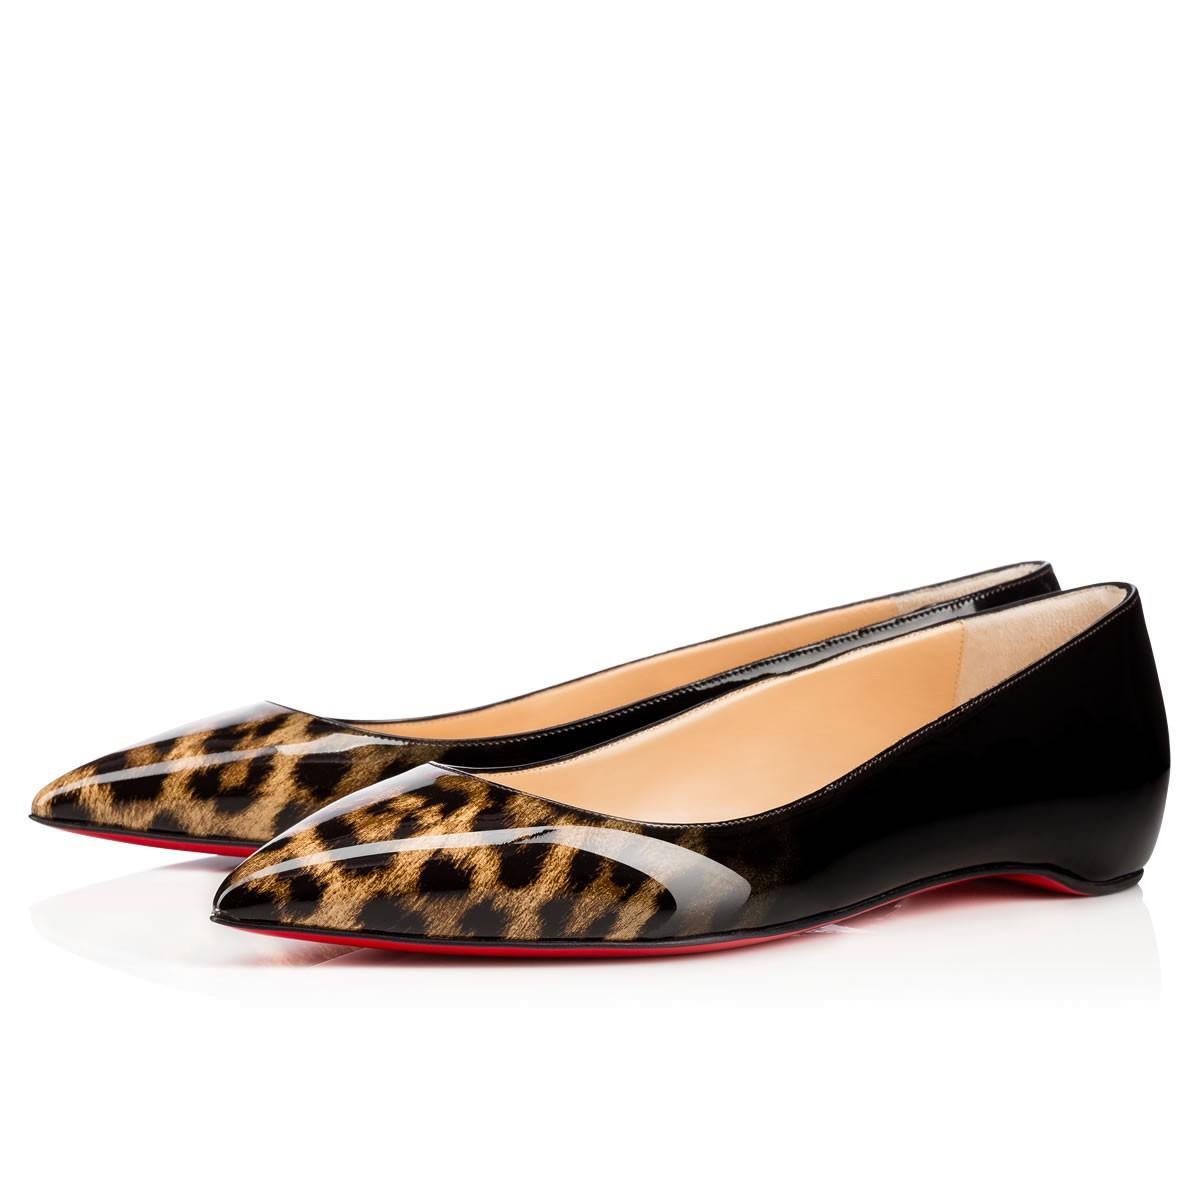 7697a803d2d Christian Louboutin Pigalle Follies Flat Leopard-Black Patent Leather -  Women Shoes -